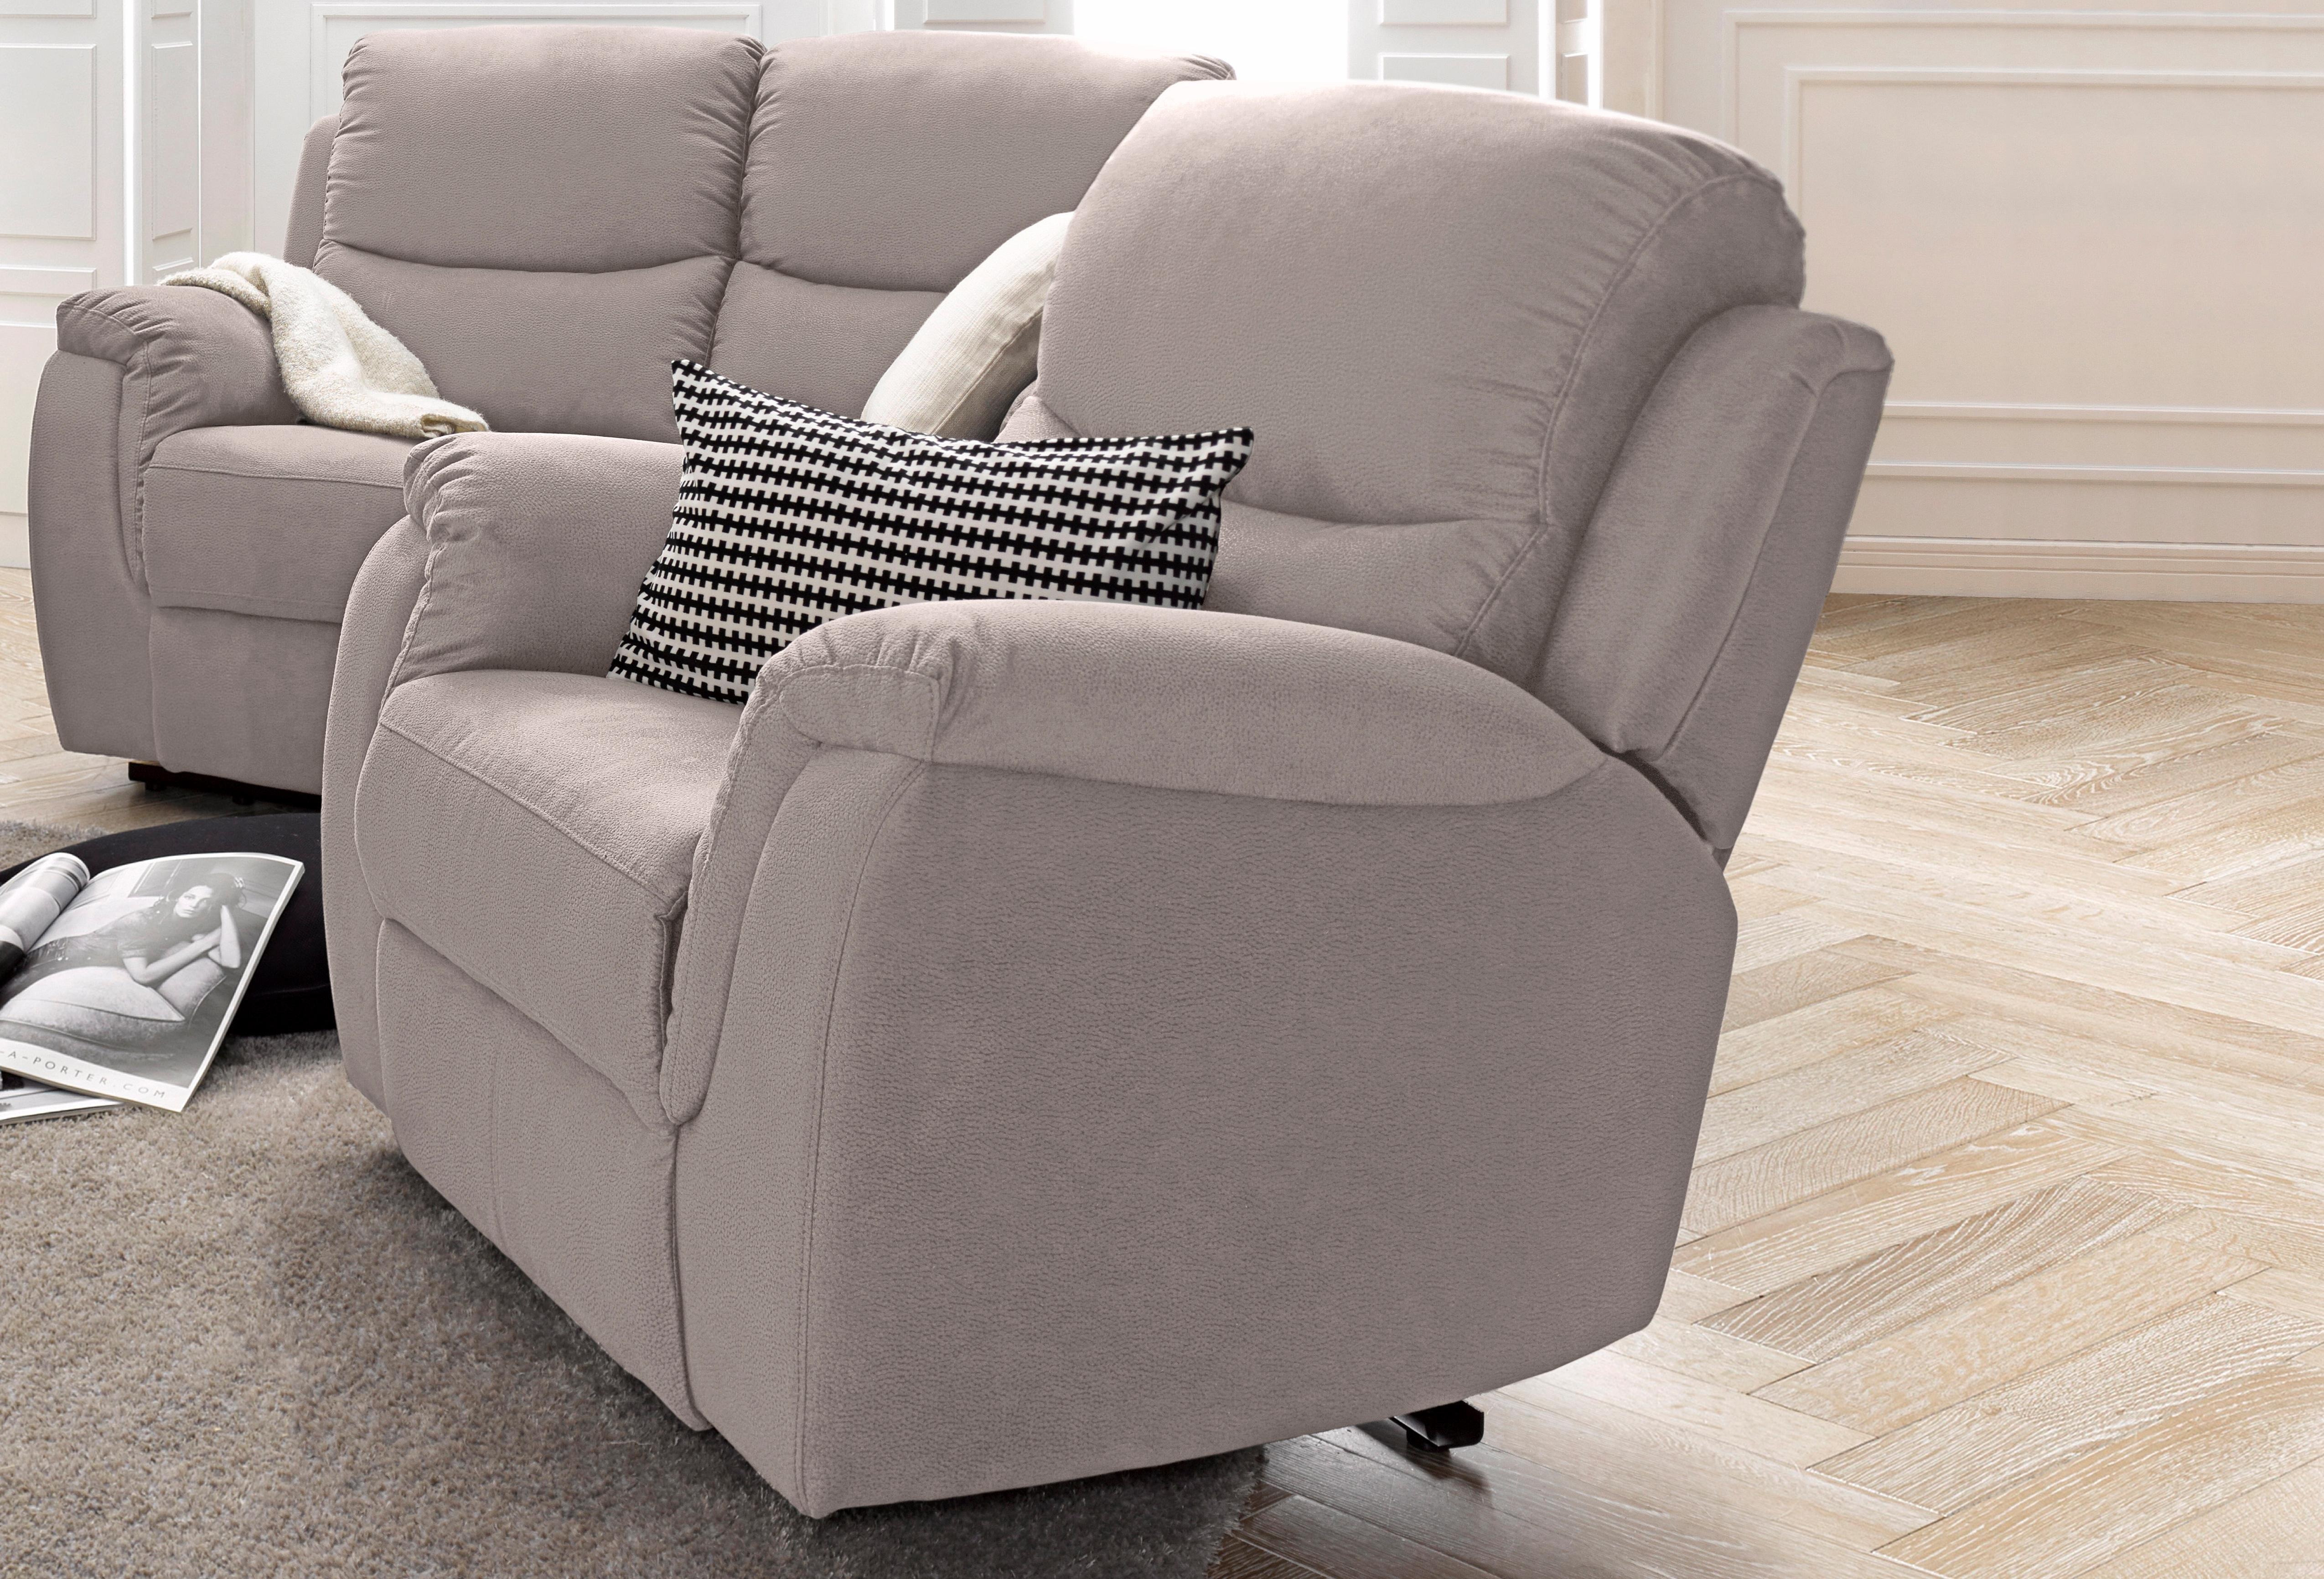 Relaxstoel Met Hocker.Relaxfauteuils Online Kopen Uitgebreid Assortiment Relaxstoelen Otto